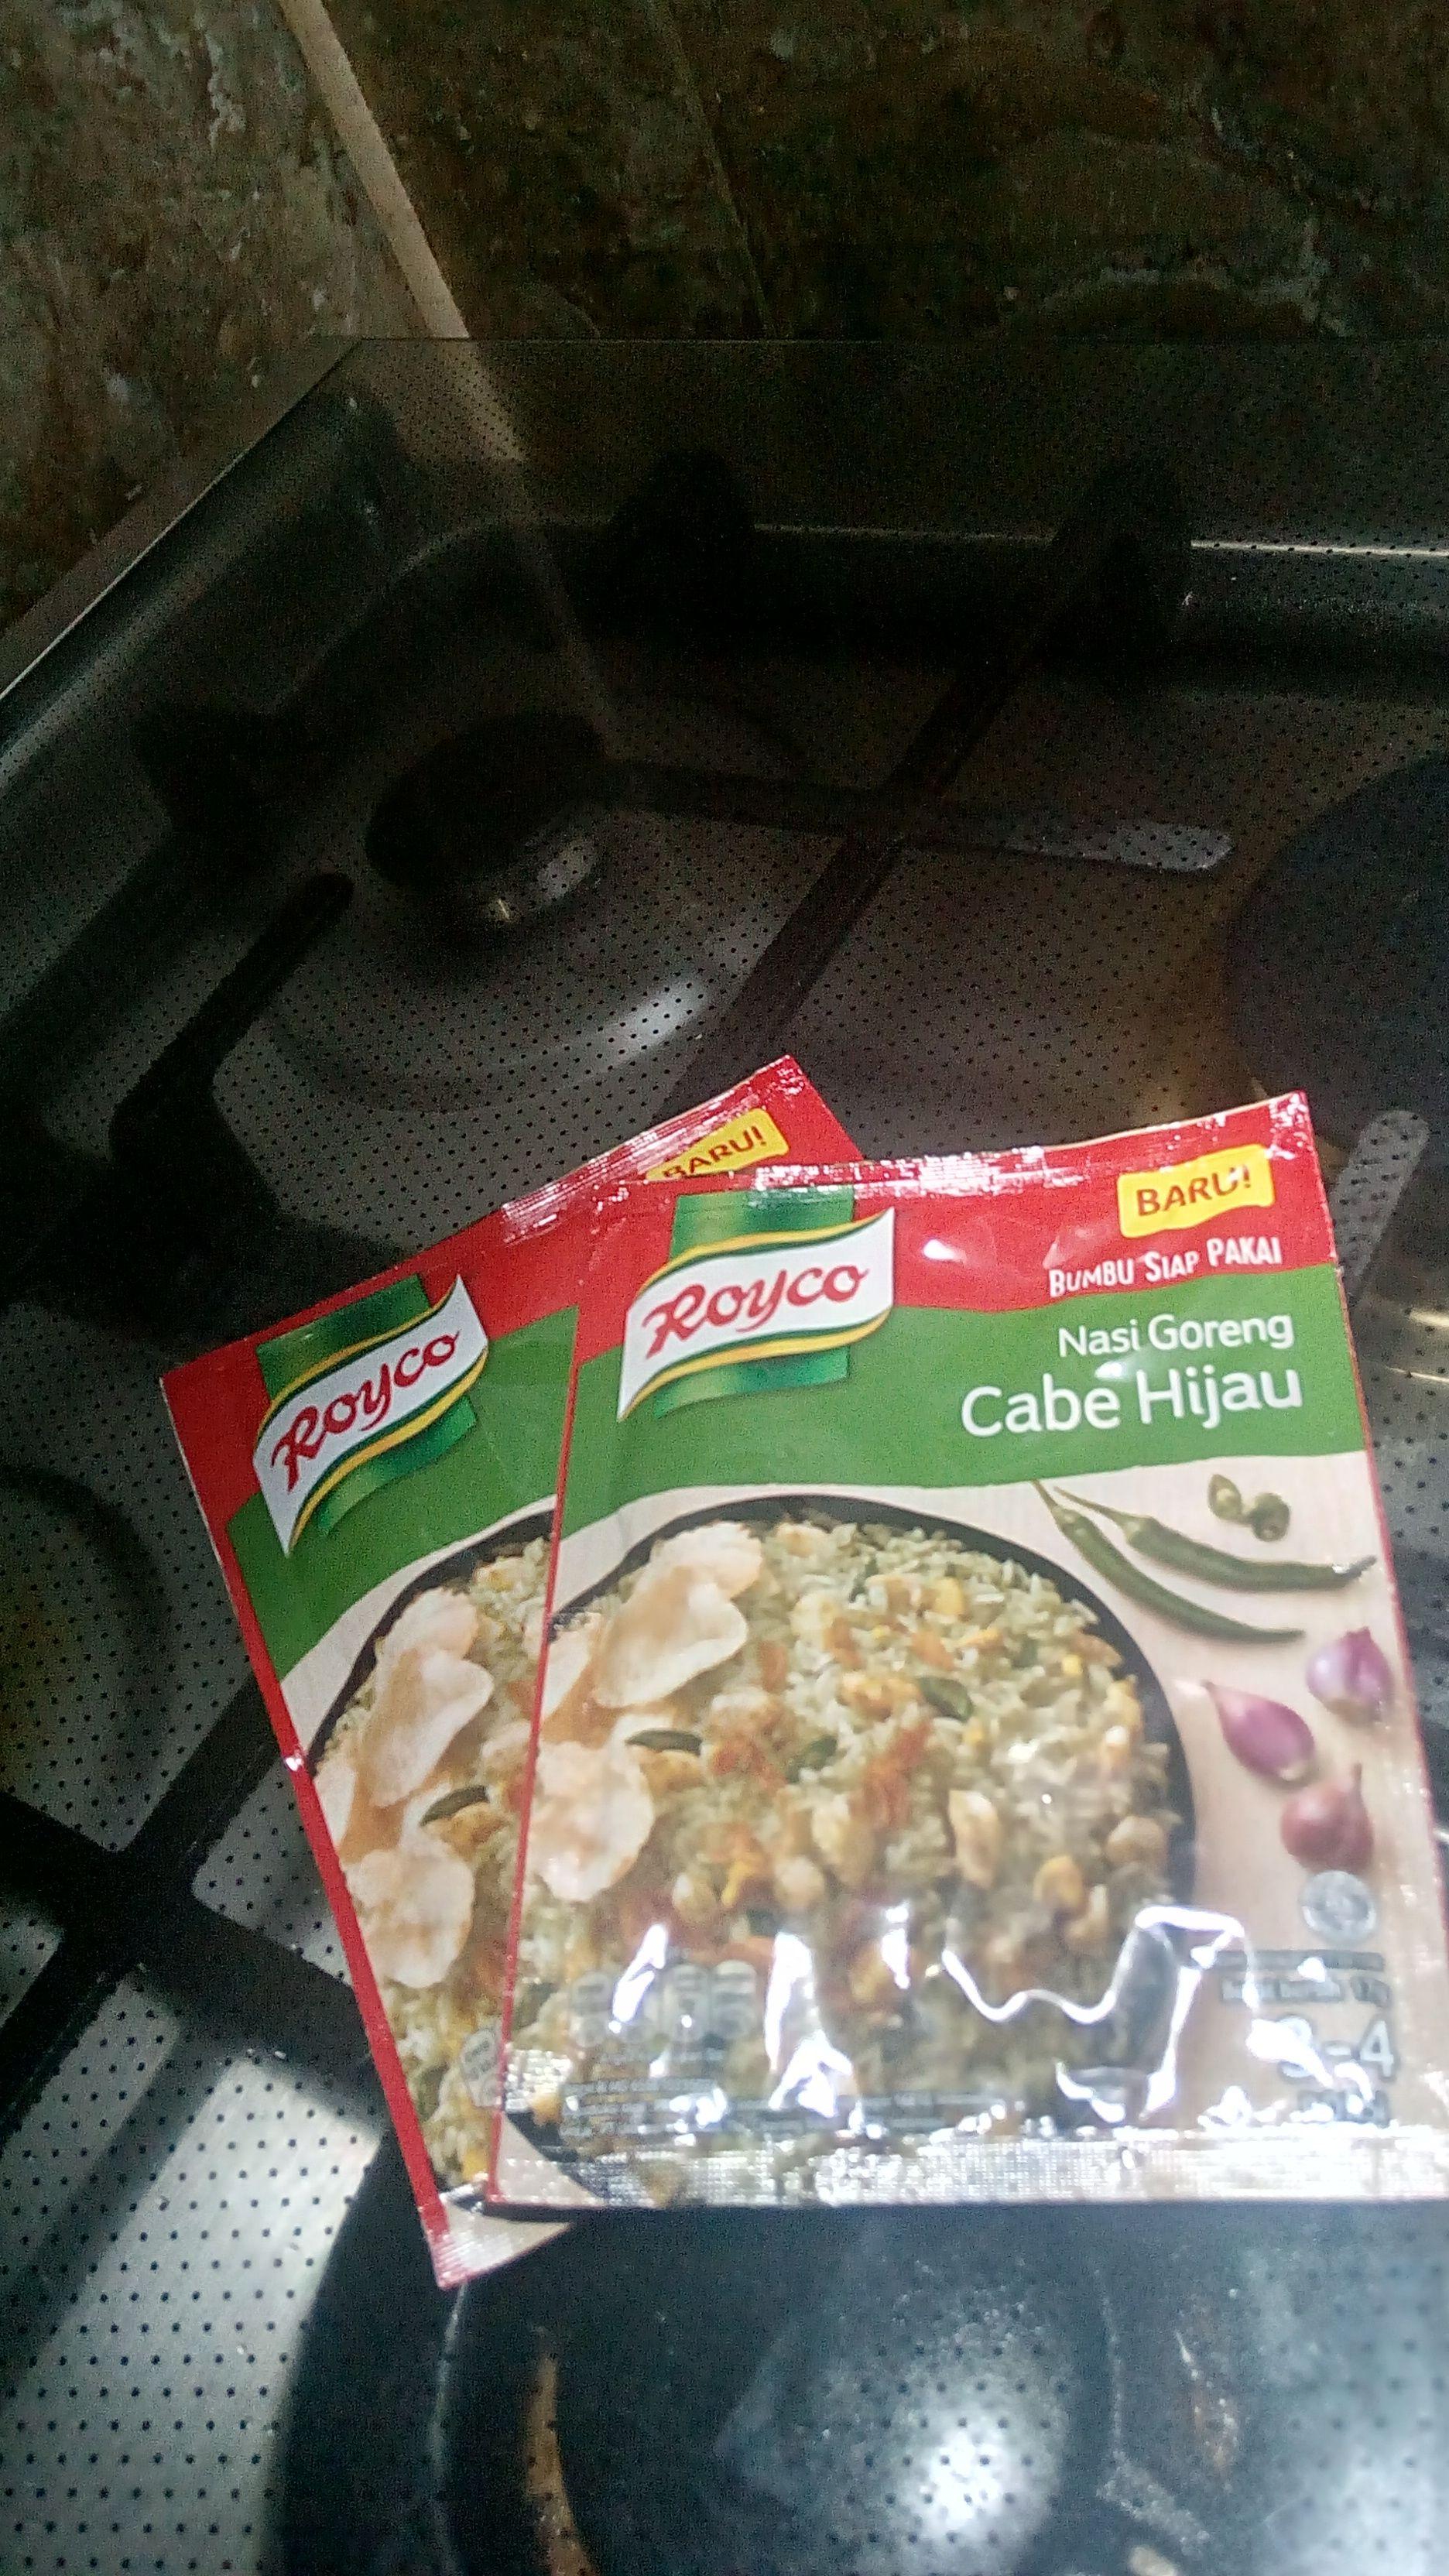 gambar review ke-2 untuk Royco Nasi Goreng Cabe Hijau